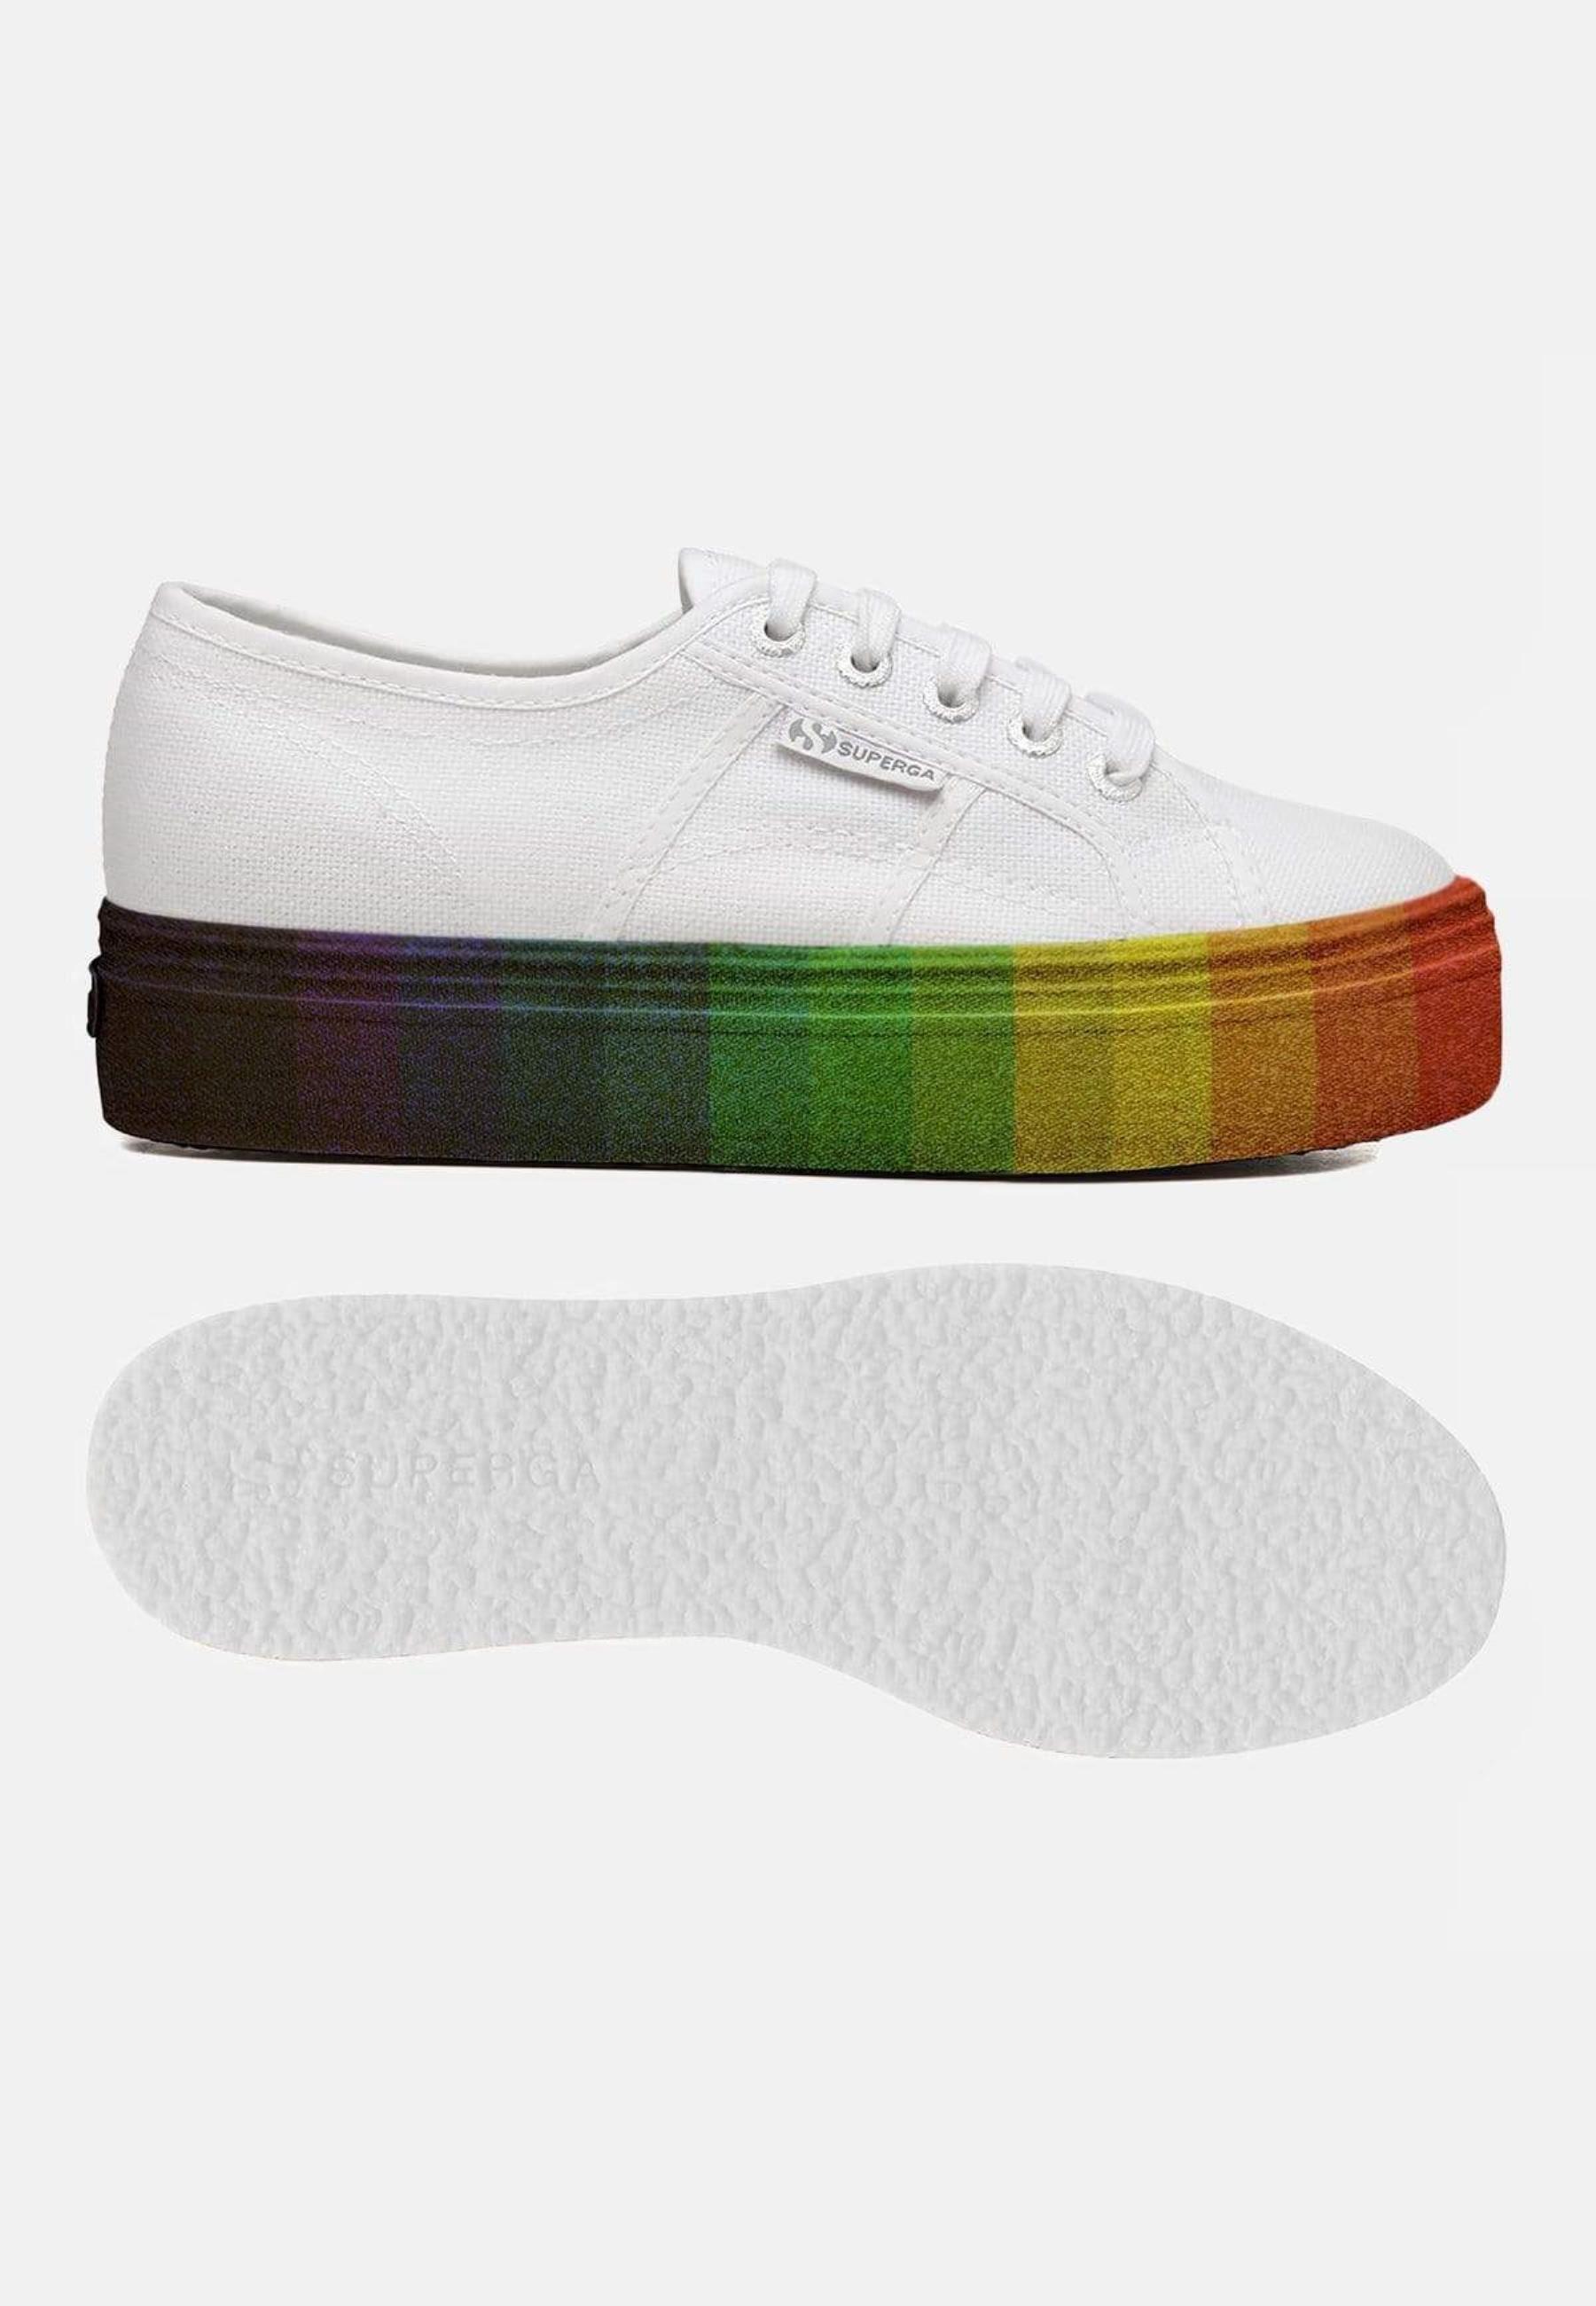 Superga 2790 Cot W Multicolour Glitter White Multicolour